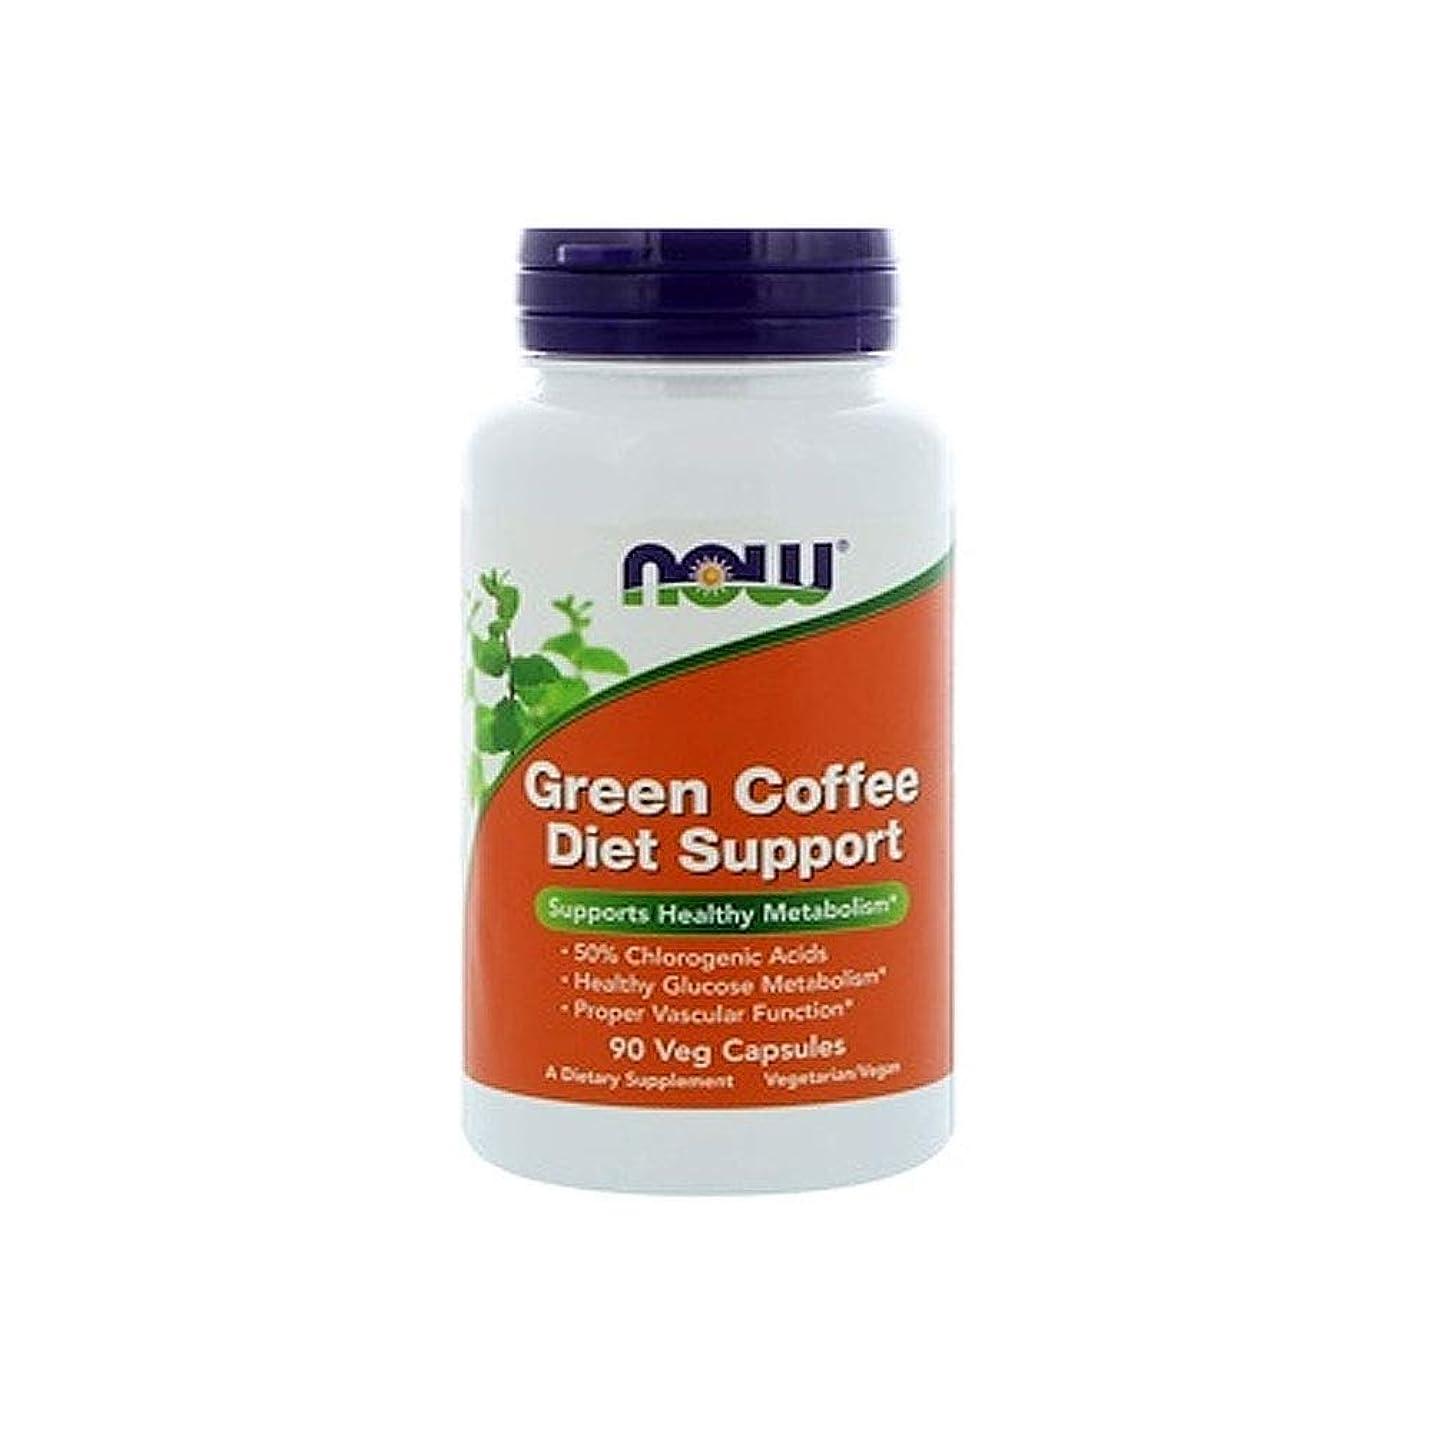 パドル水差し制裁[海外直送品] ナウフーズ グリーンコーヒー ダイエットサポート(クロロゲン酸含有) 90粒